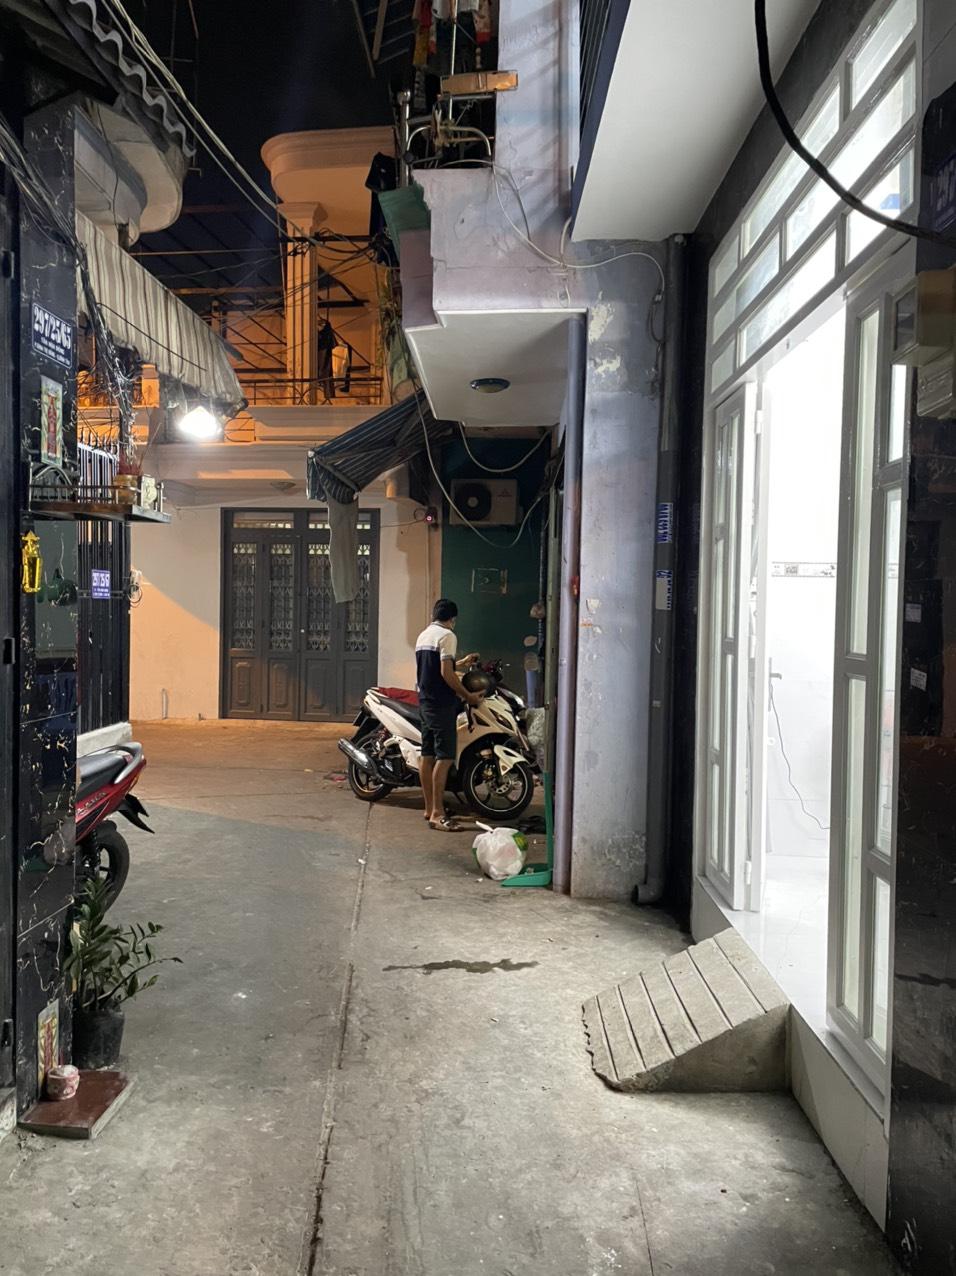 Bán nhà hẻm 297 Tân Hòa Đông, Bình Trị Đông, quận Bình Tân dưới 3 tỷ